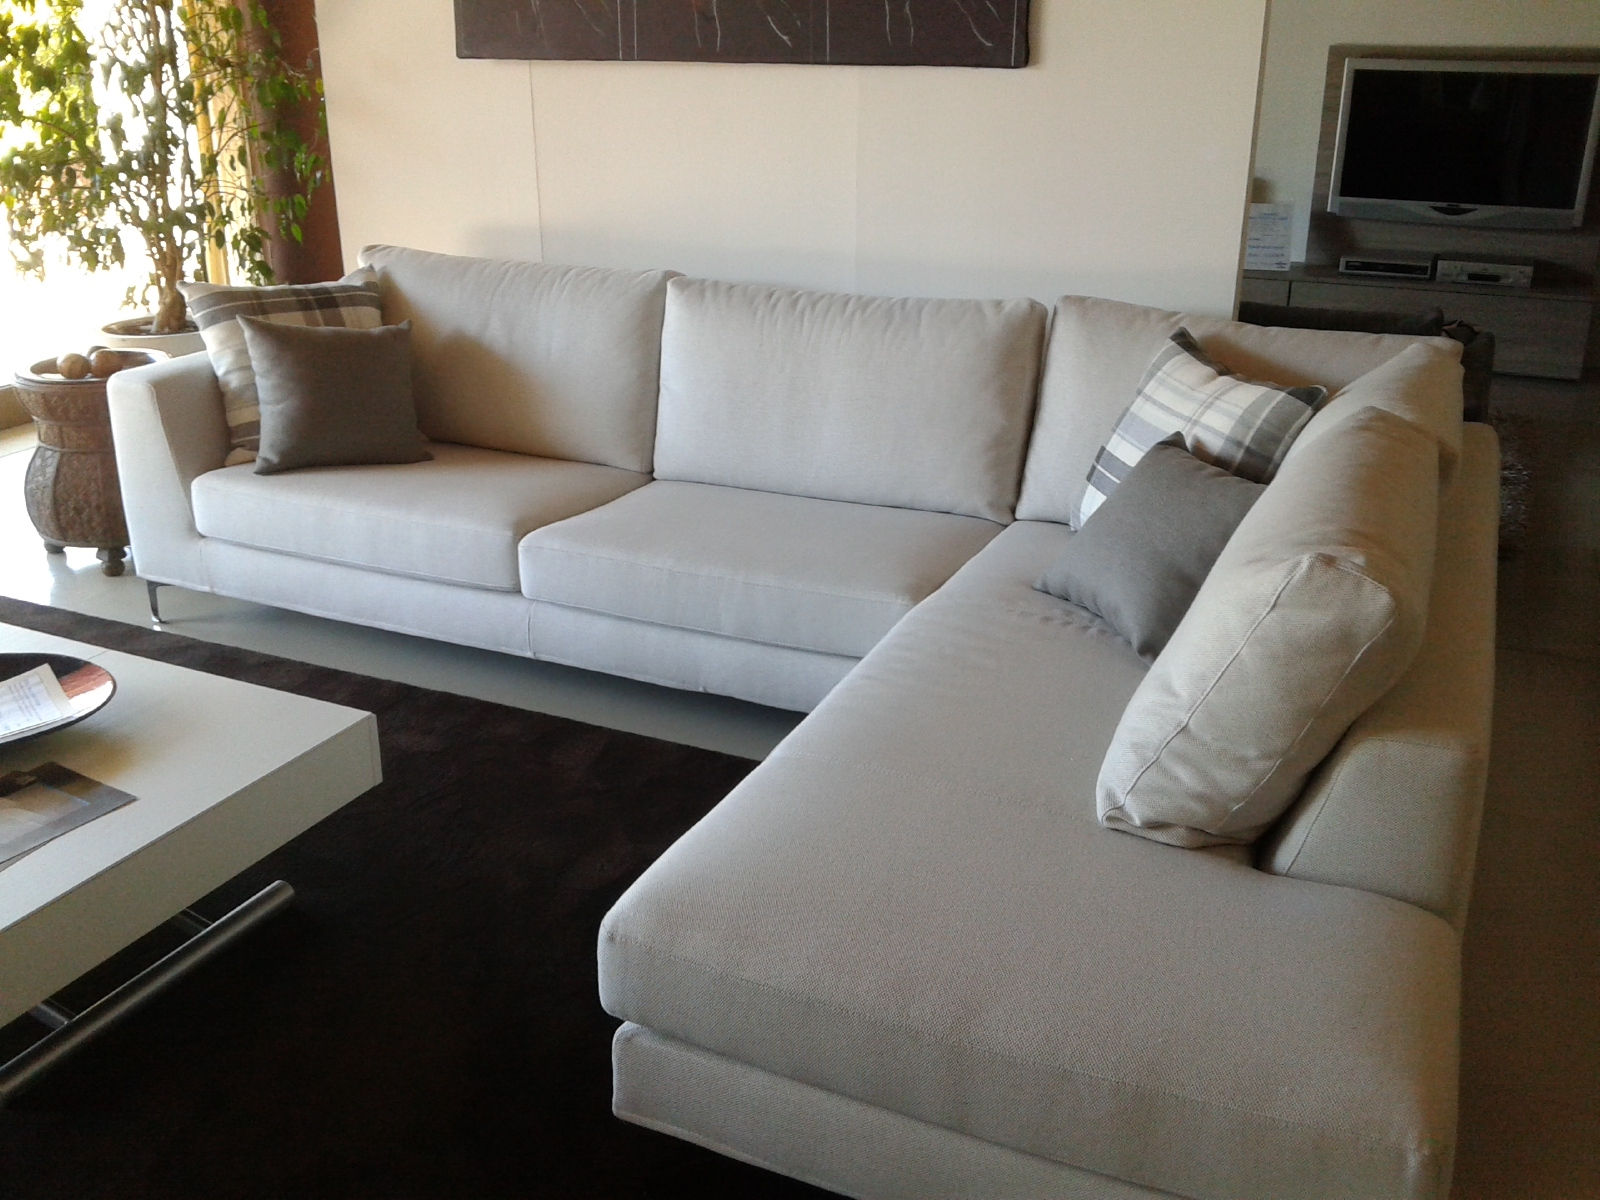 Divano lecomfort divano componibile modello avatar scontato del ...